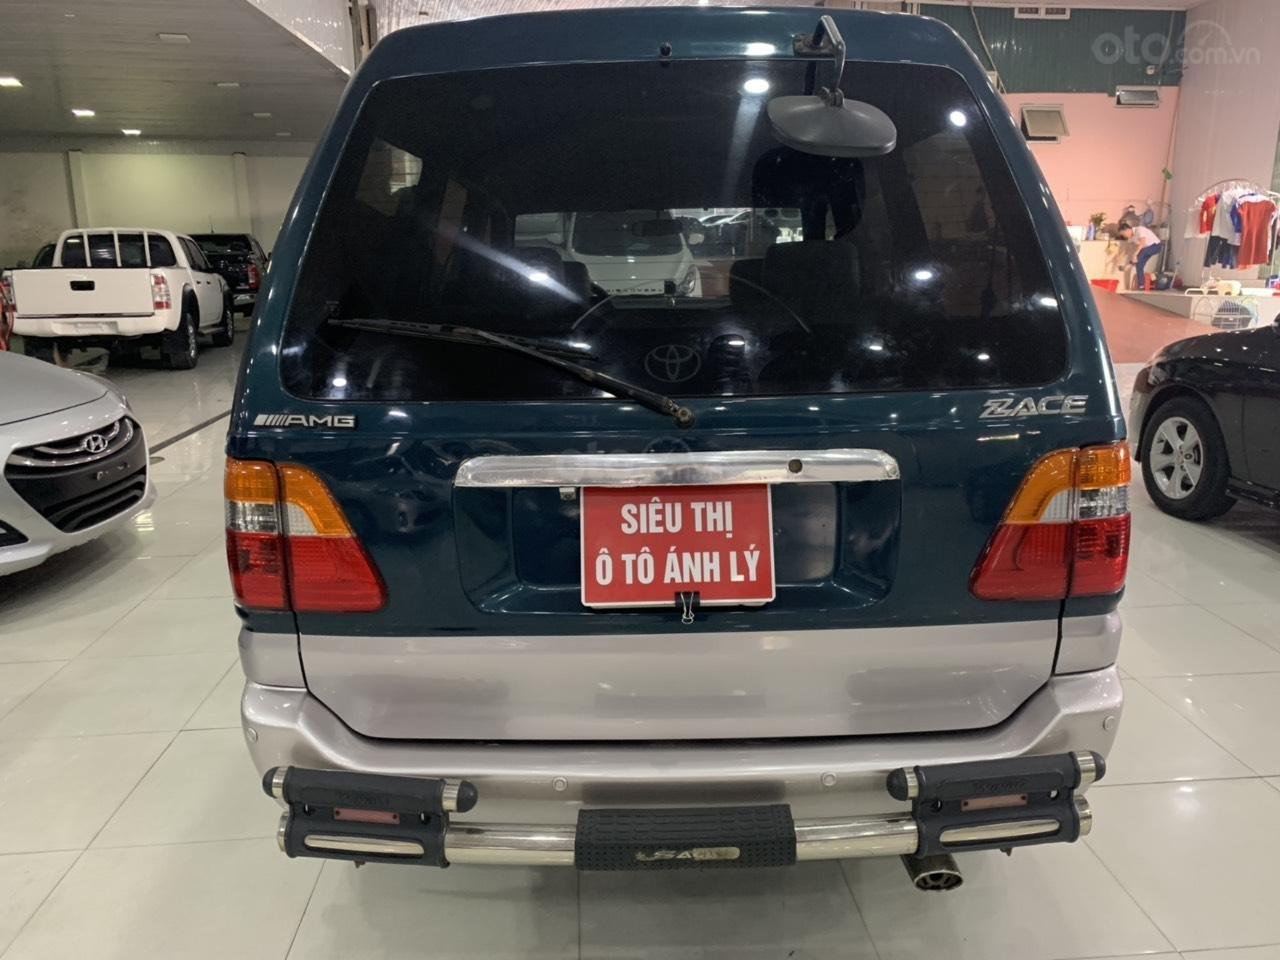 Bán ô tô Toyota Zace 1.8MT 2004, màu xanh lam, 165 triệu (5)